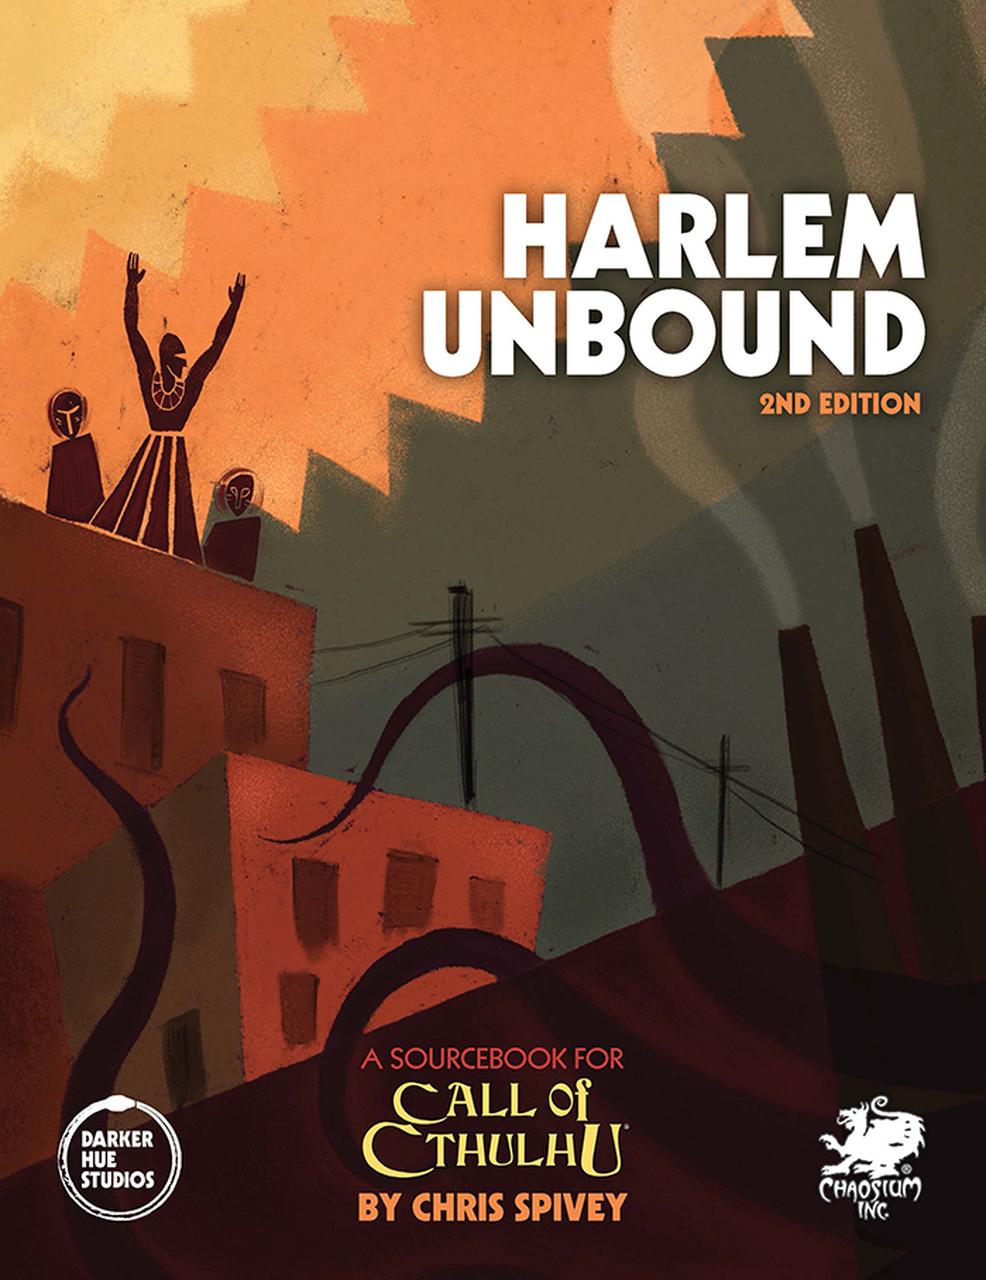 Harlem Unbound 2nd Edition Hardback Cover